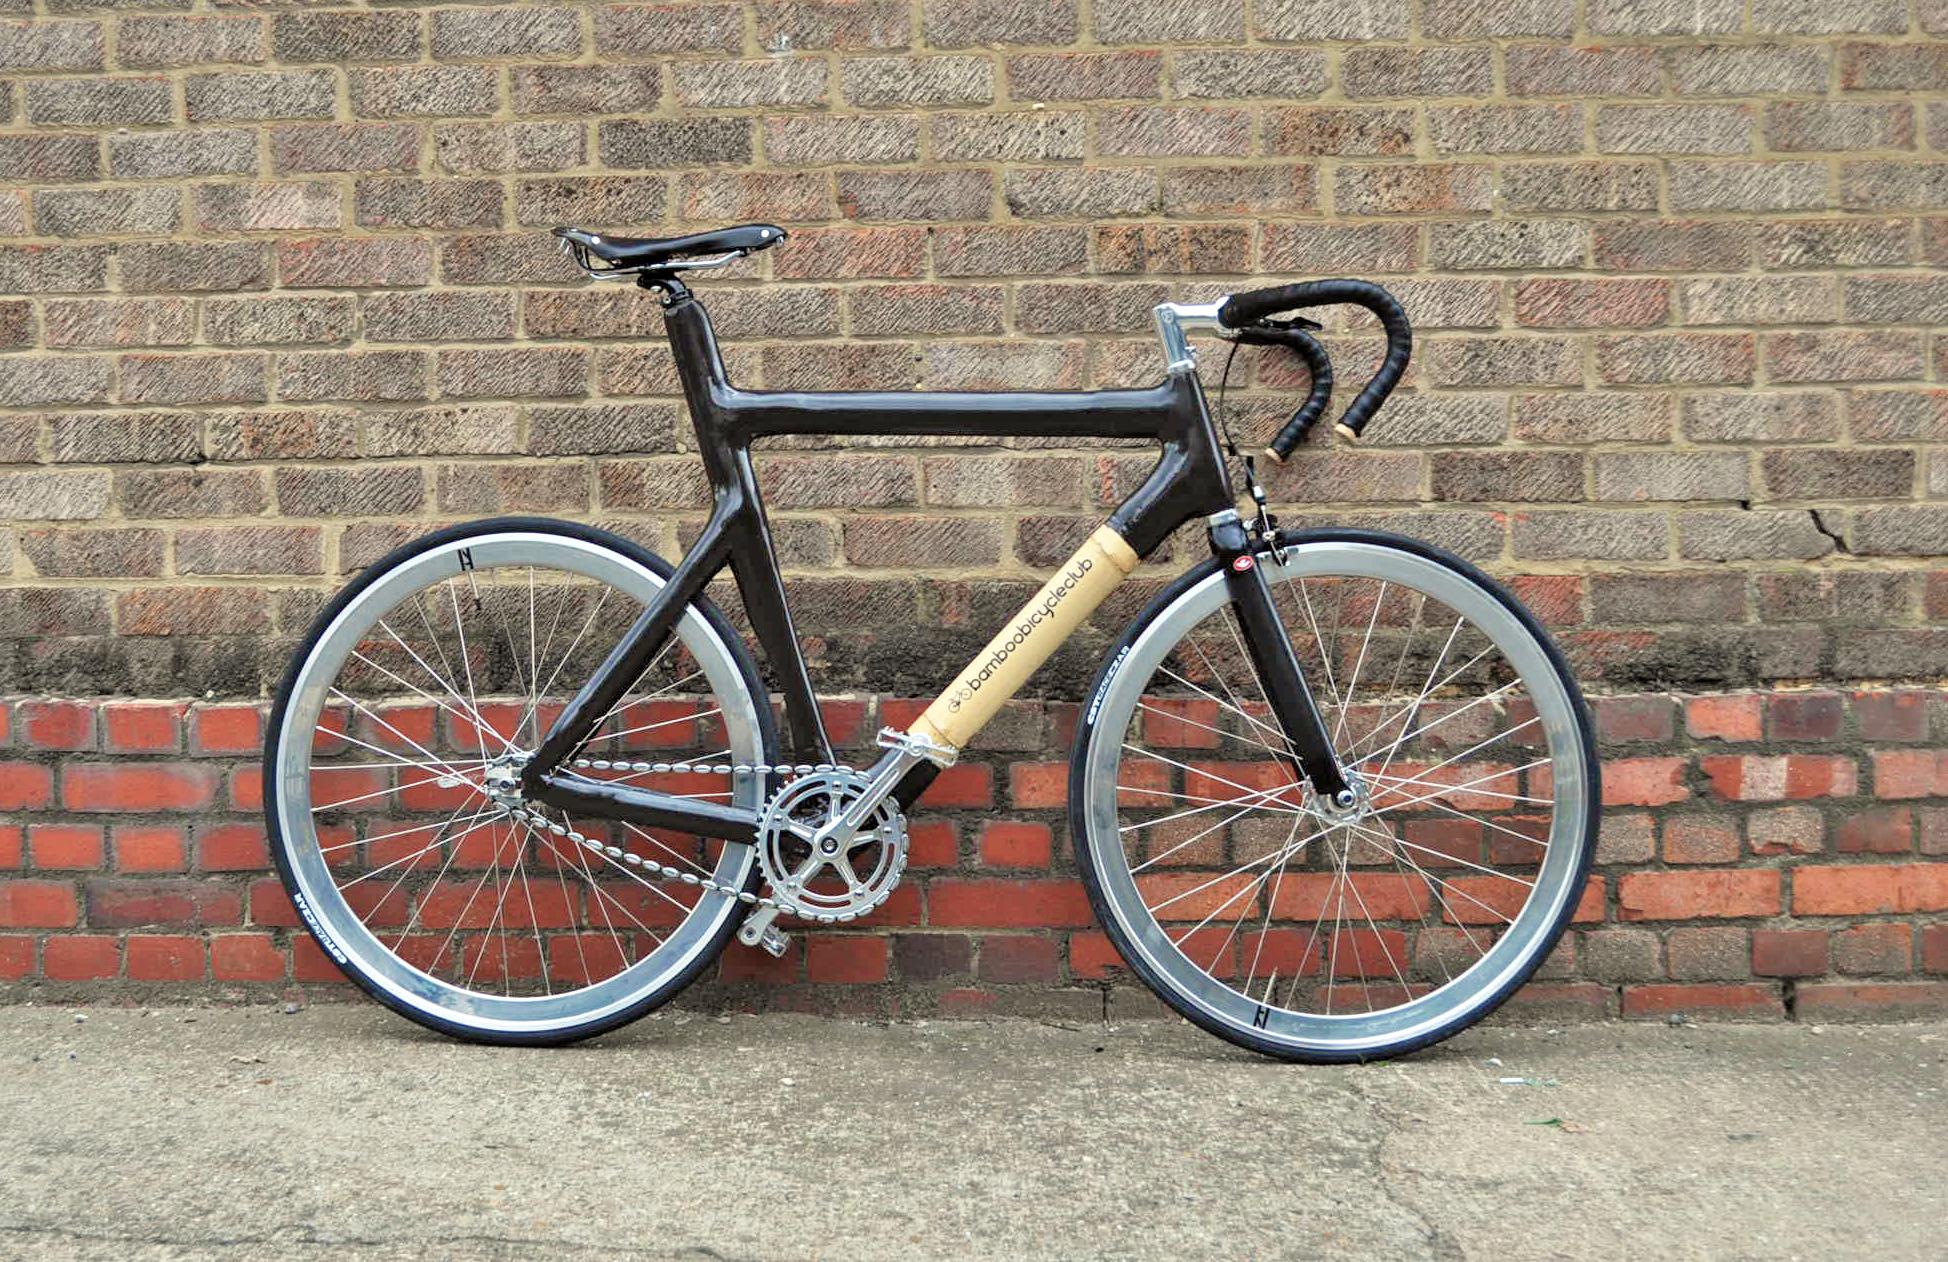 Bamboo Aero Bicycle C. Bamboo Bicycle Club.jpg